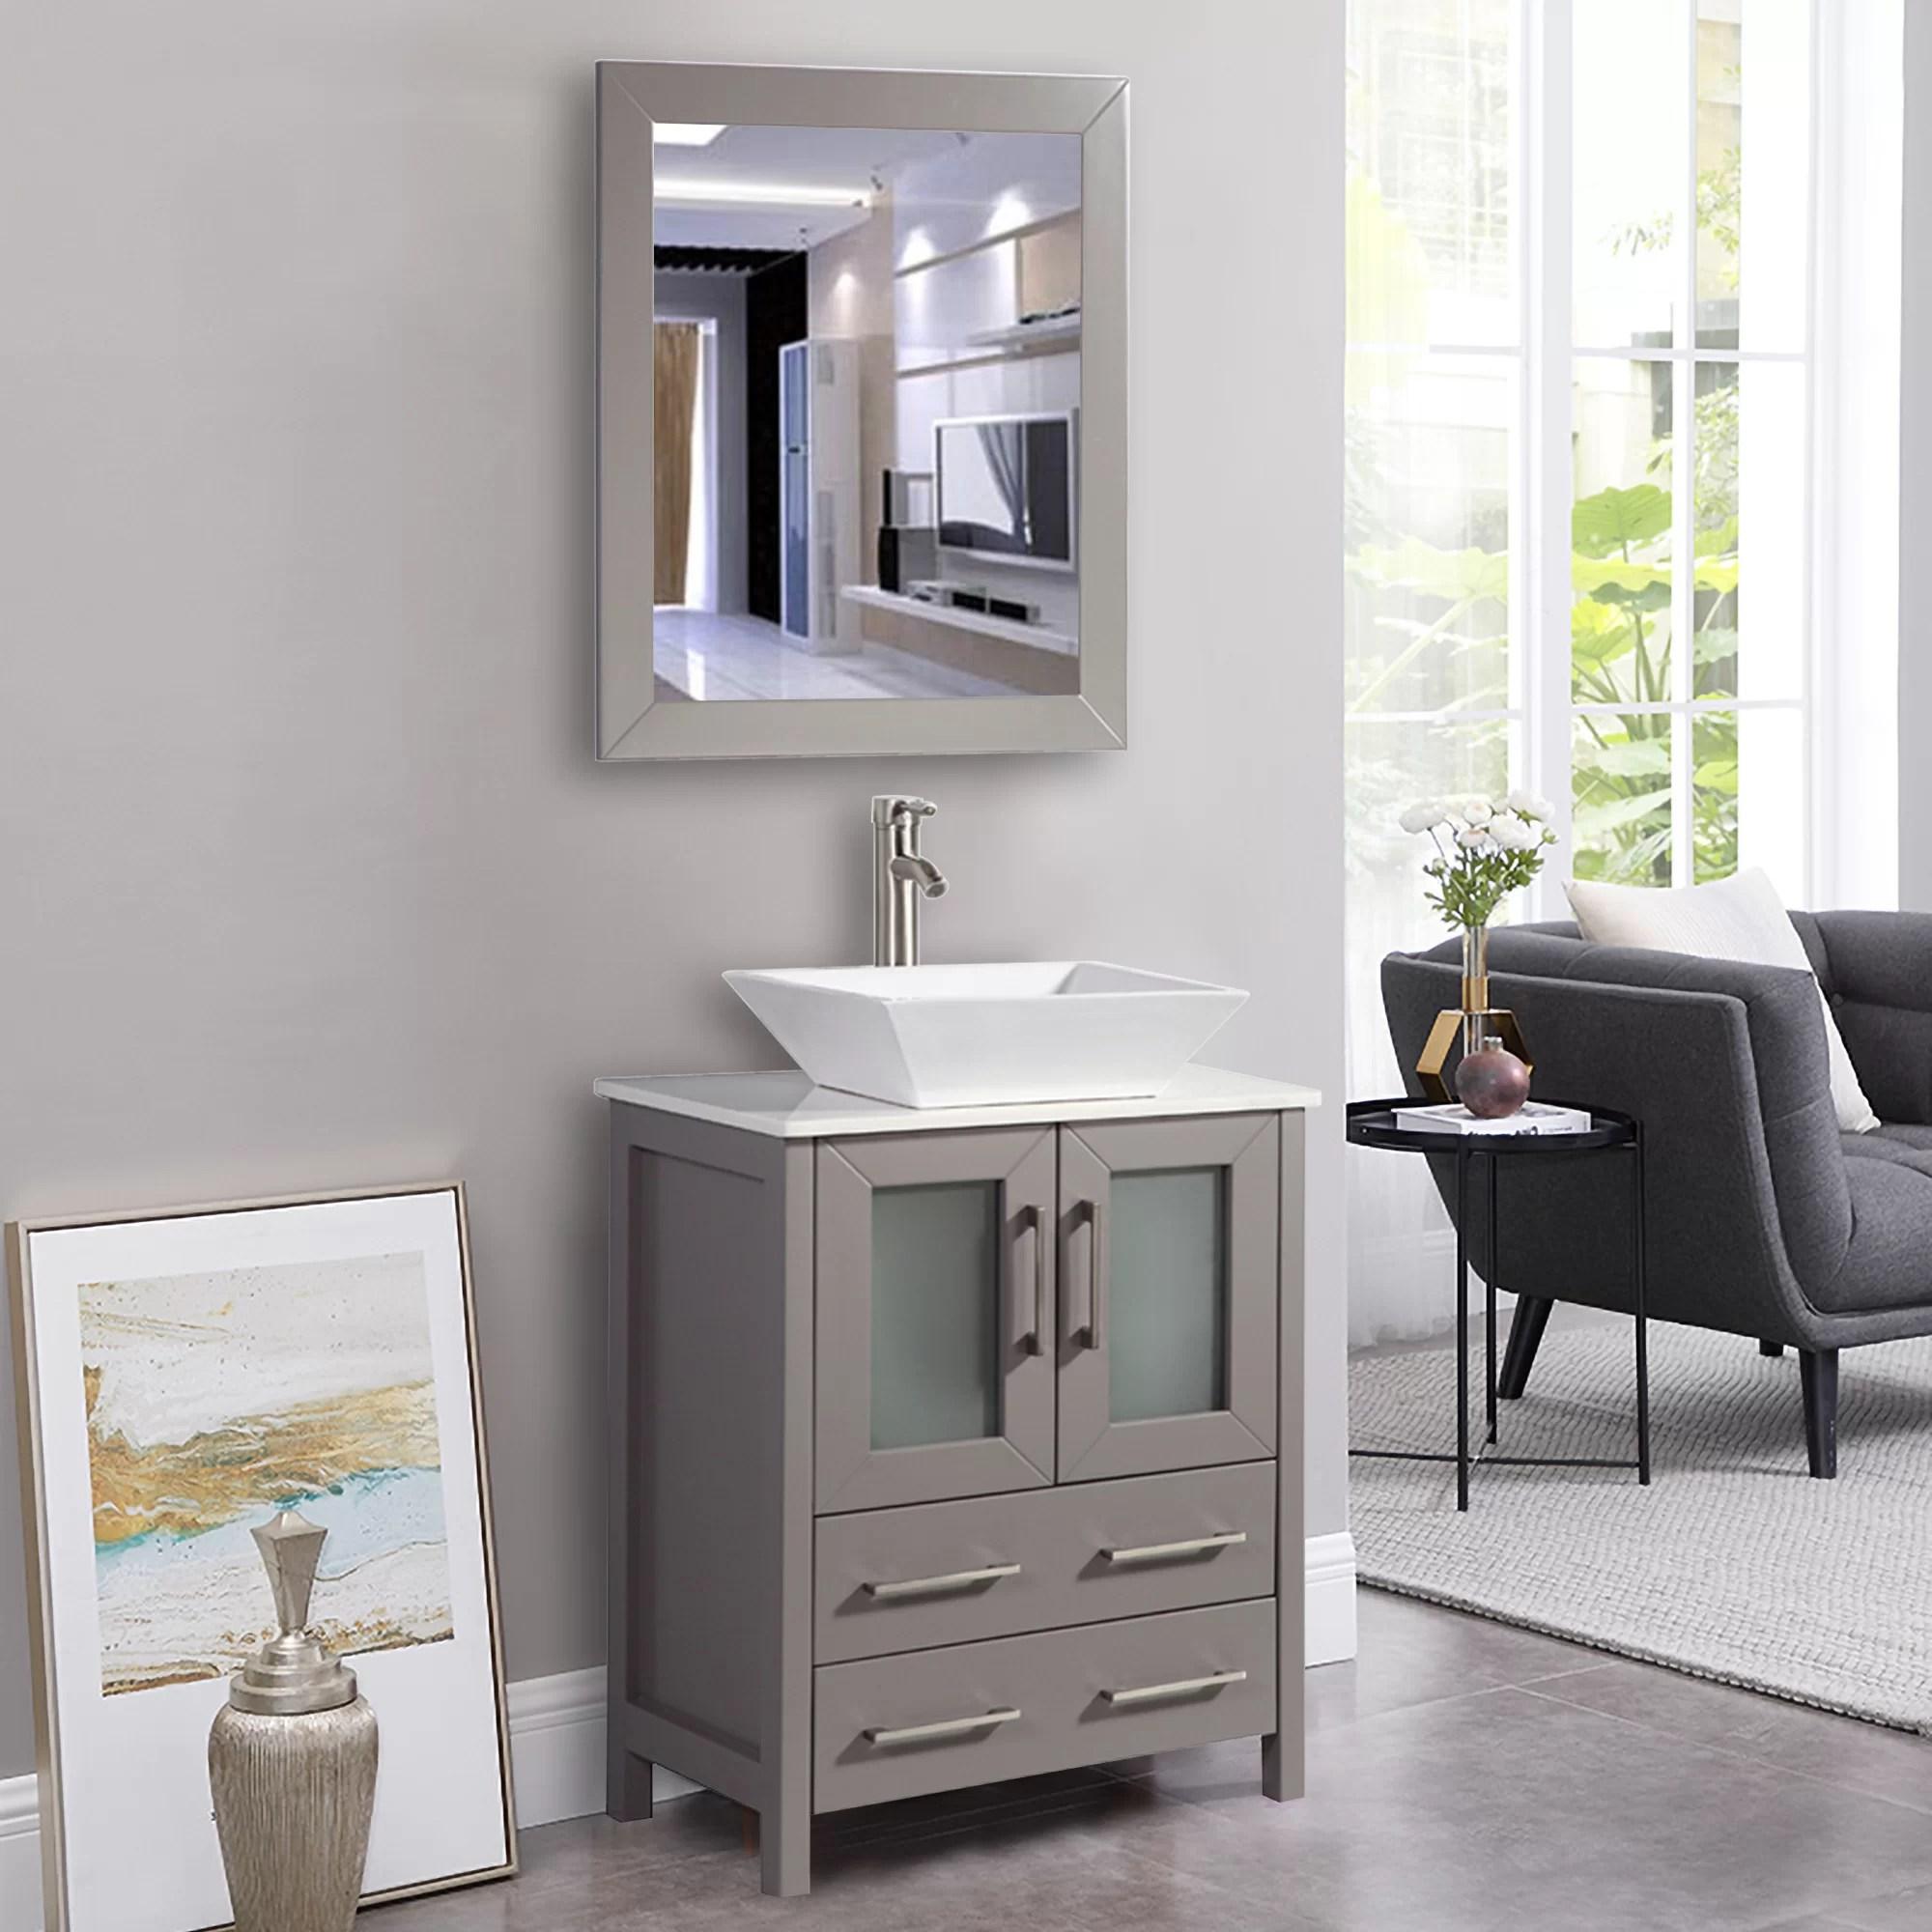 Zipcode Design Knutsen 24 Single Bathroom Vanity Set With Mirror Reviews Wayfair